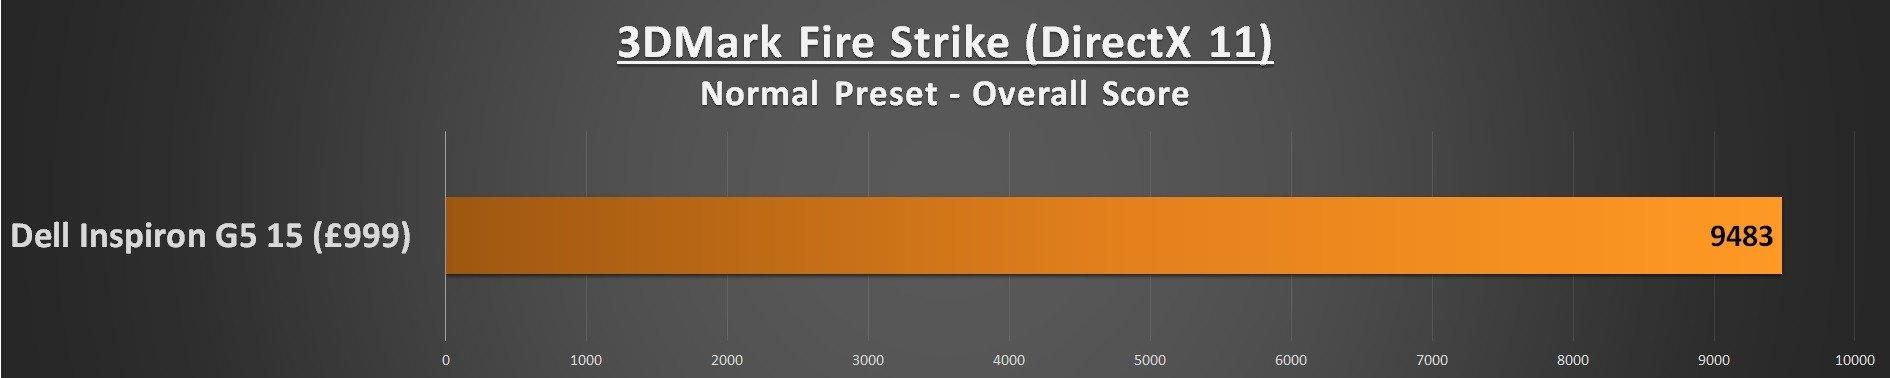 Dell Inspiron G5 15 Performance - 3DMark Fire Strike